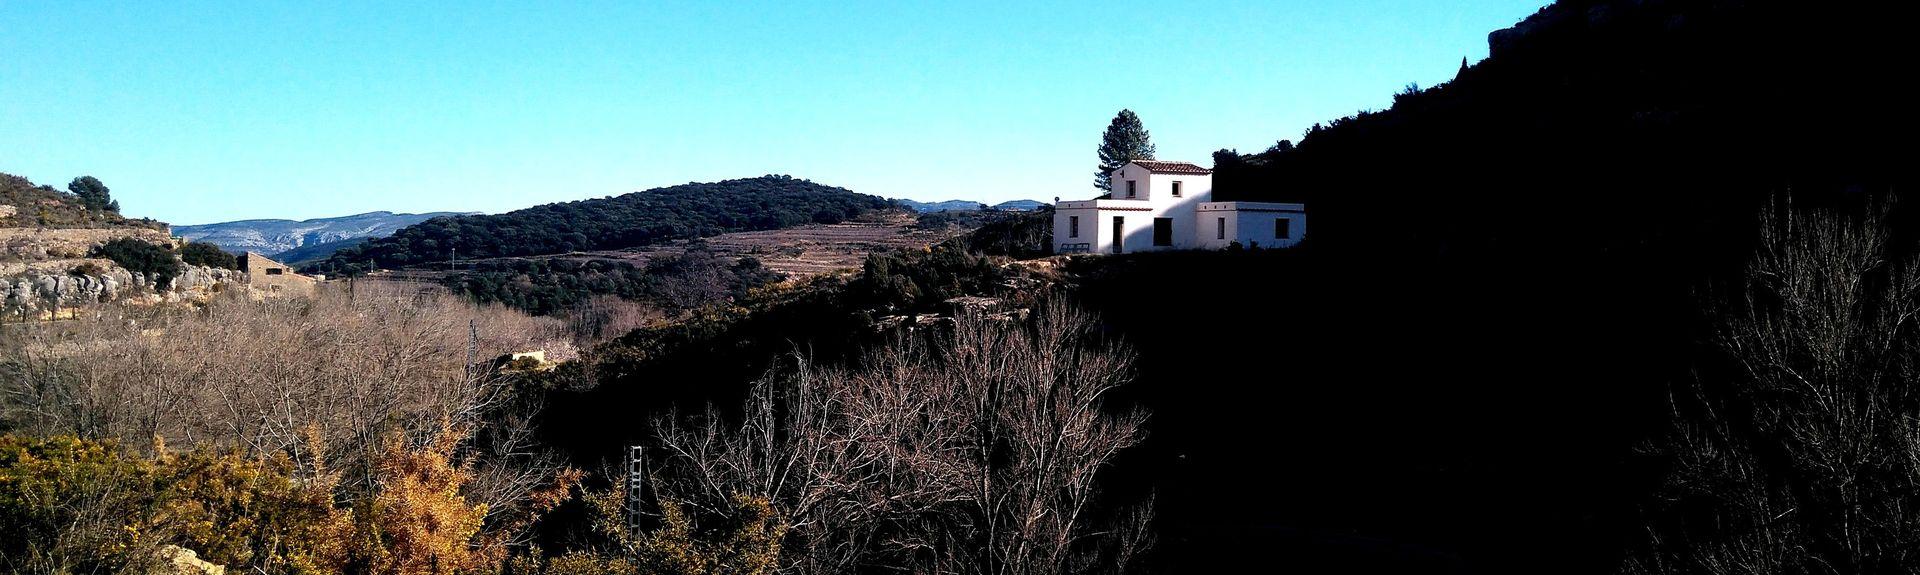 Λα Σέρα ντ'Εν Γκαλθεράν, Βαλενθιανική Κοινότητα, Ισπανία